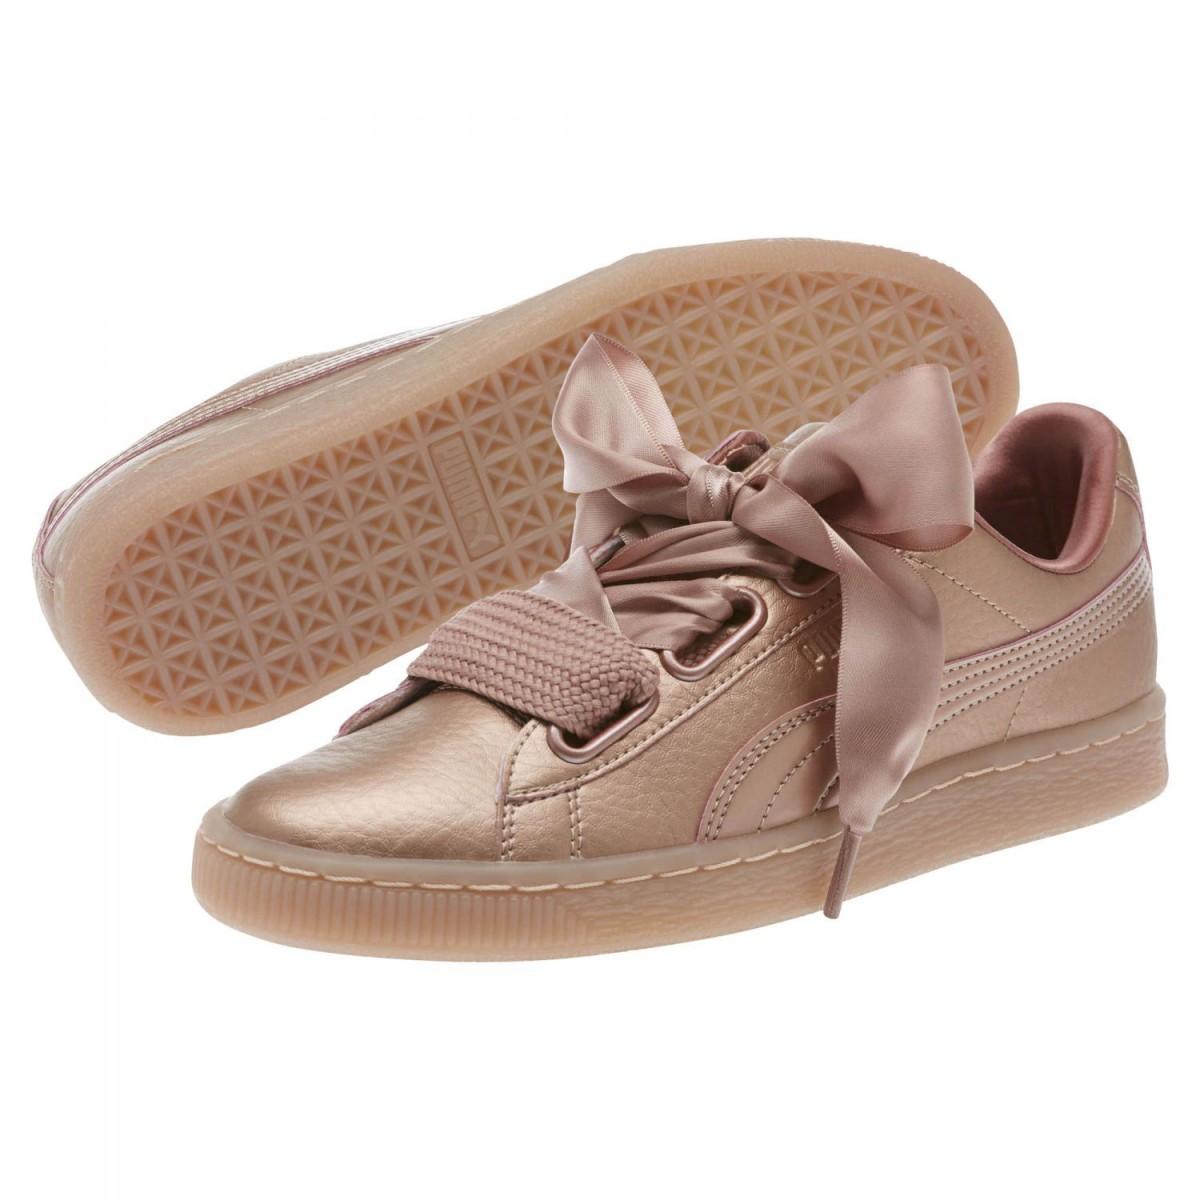 Puma Basket Heart Copper Sneaker Damen Schuhe rose